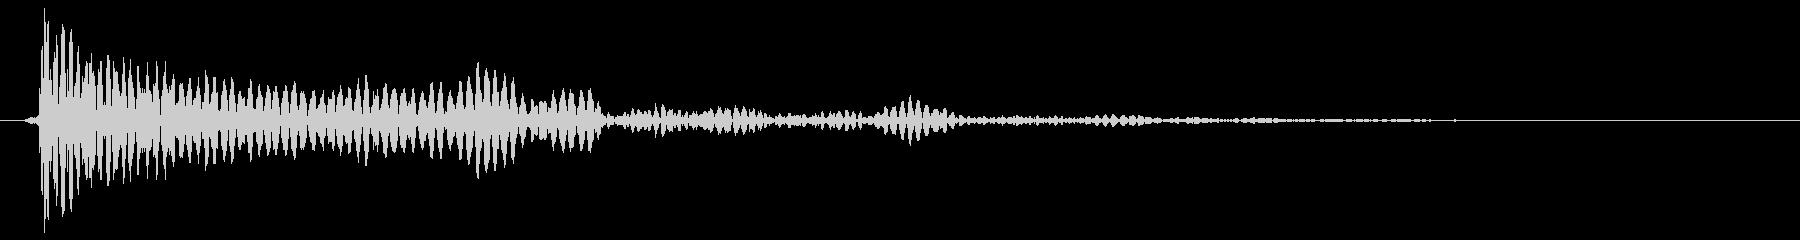 ドン(タムタム04)の未再生の波形